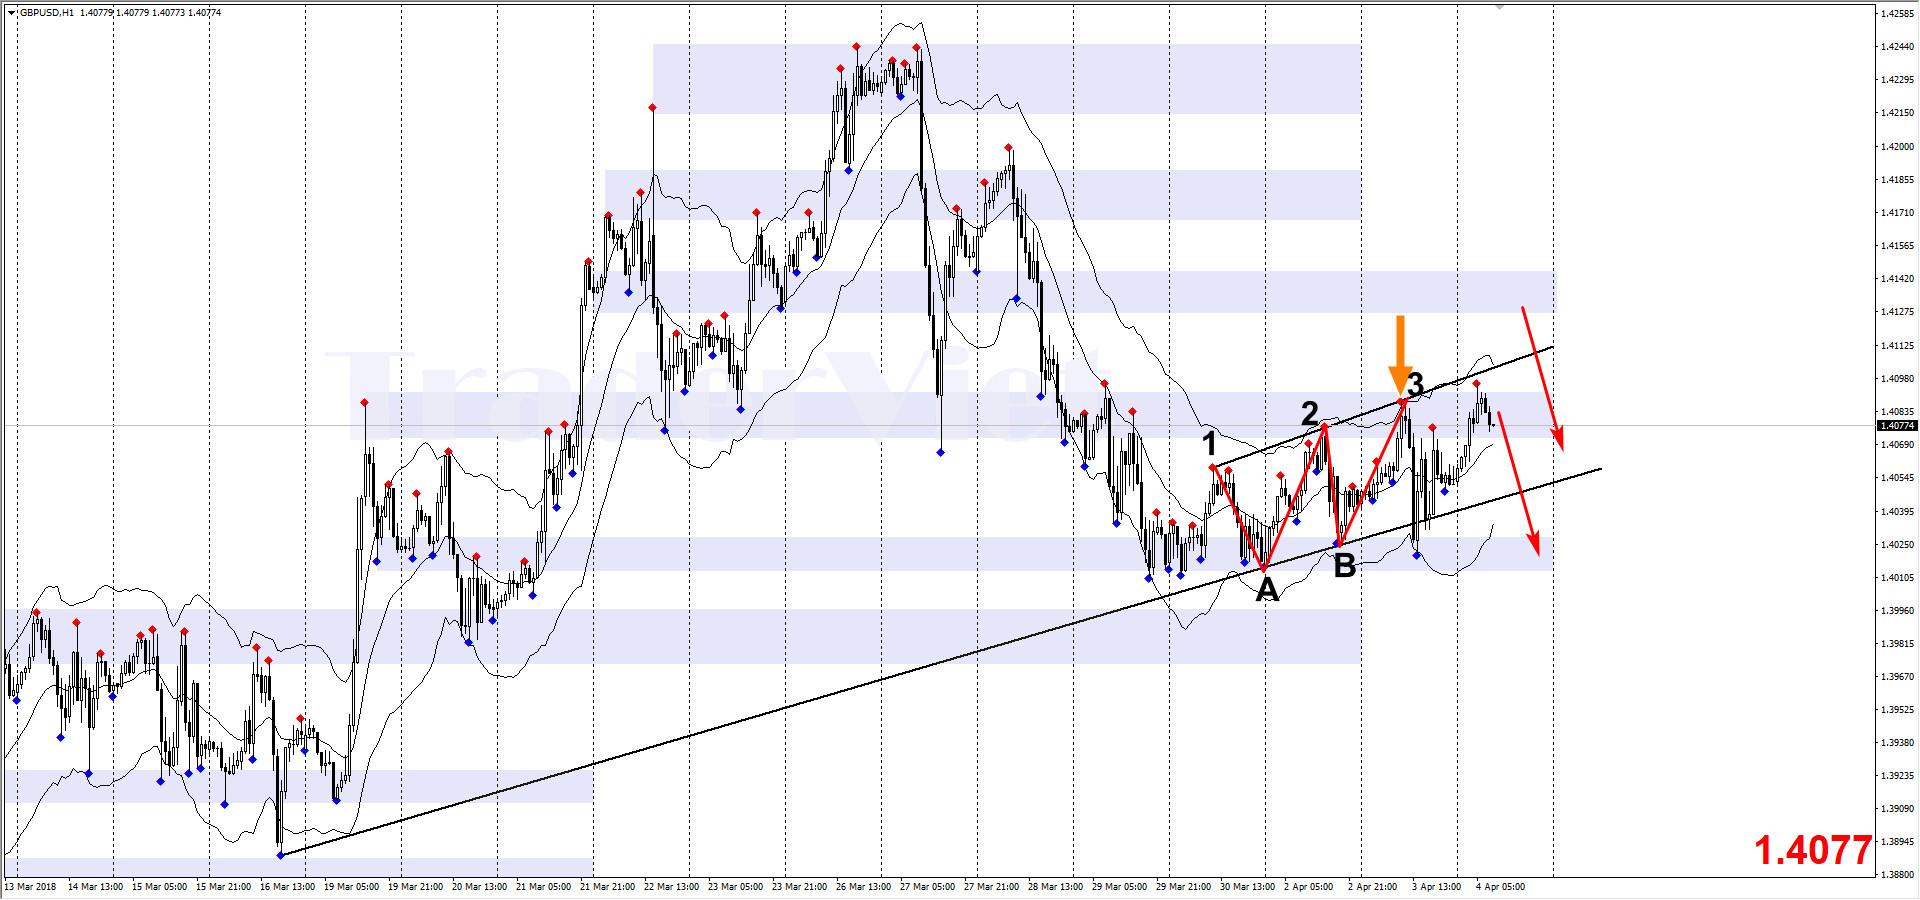 Phân tích Forex phiên Âu ngày 04/04 - Một số mô hình và vùng giá cần lưu ý - www.TAICHINH2A.COM